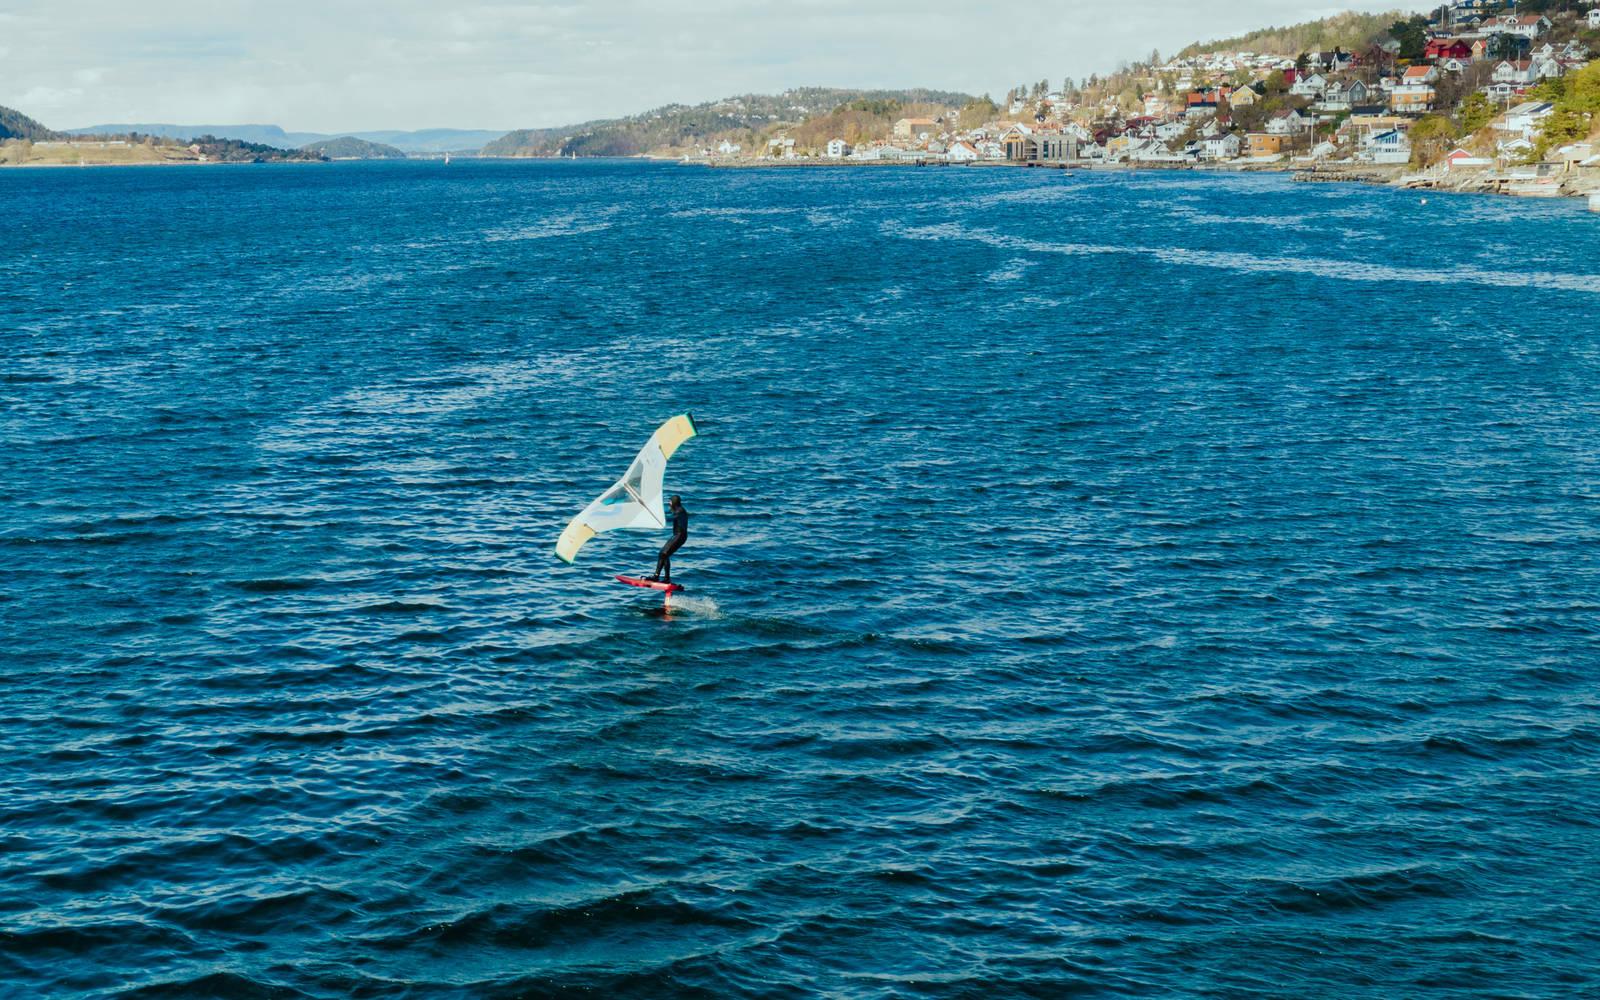 Målet er å komme seg ut av vannet og opp på foilen, som Sebastian Kjellstrøm. Bilde: Christian Nerdrum